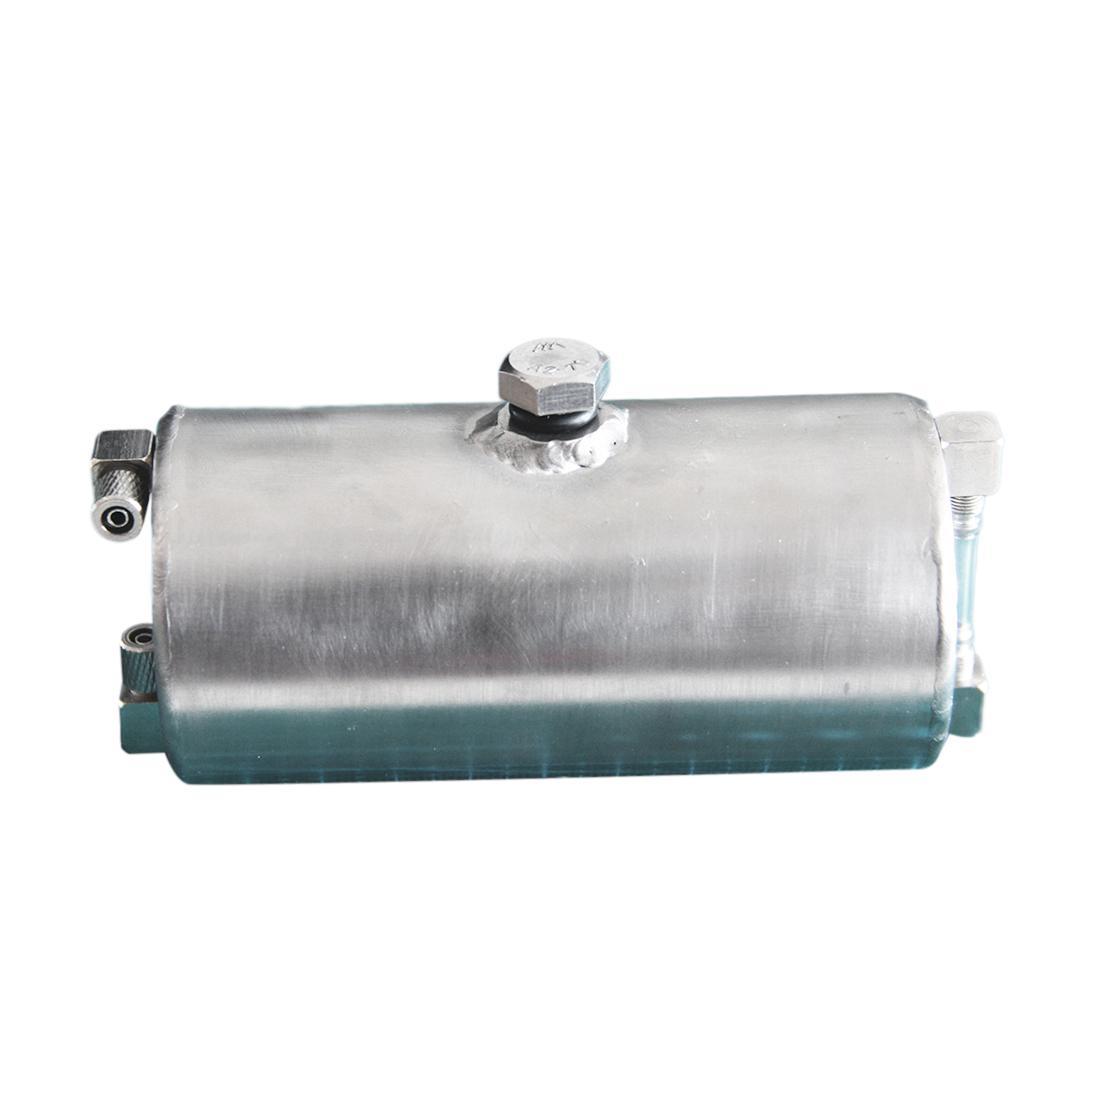 140ml DIY Handmade Modelo Acessório metal do tanque de combustível com nível de óleo Display para RC Gas Powered Model Car / Modificação